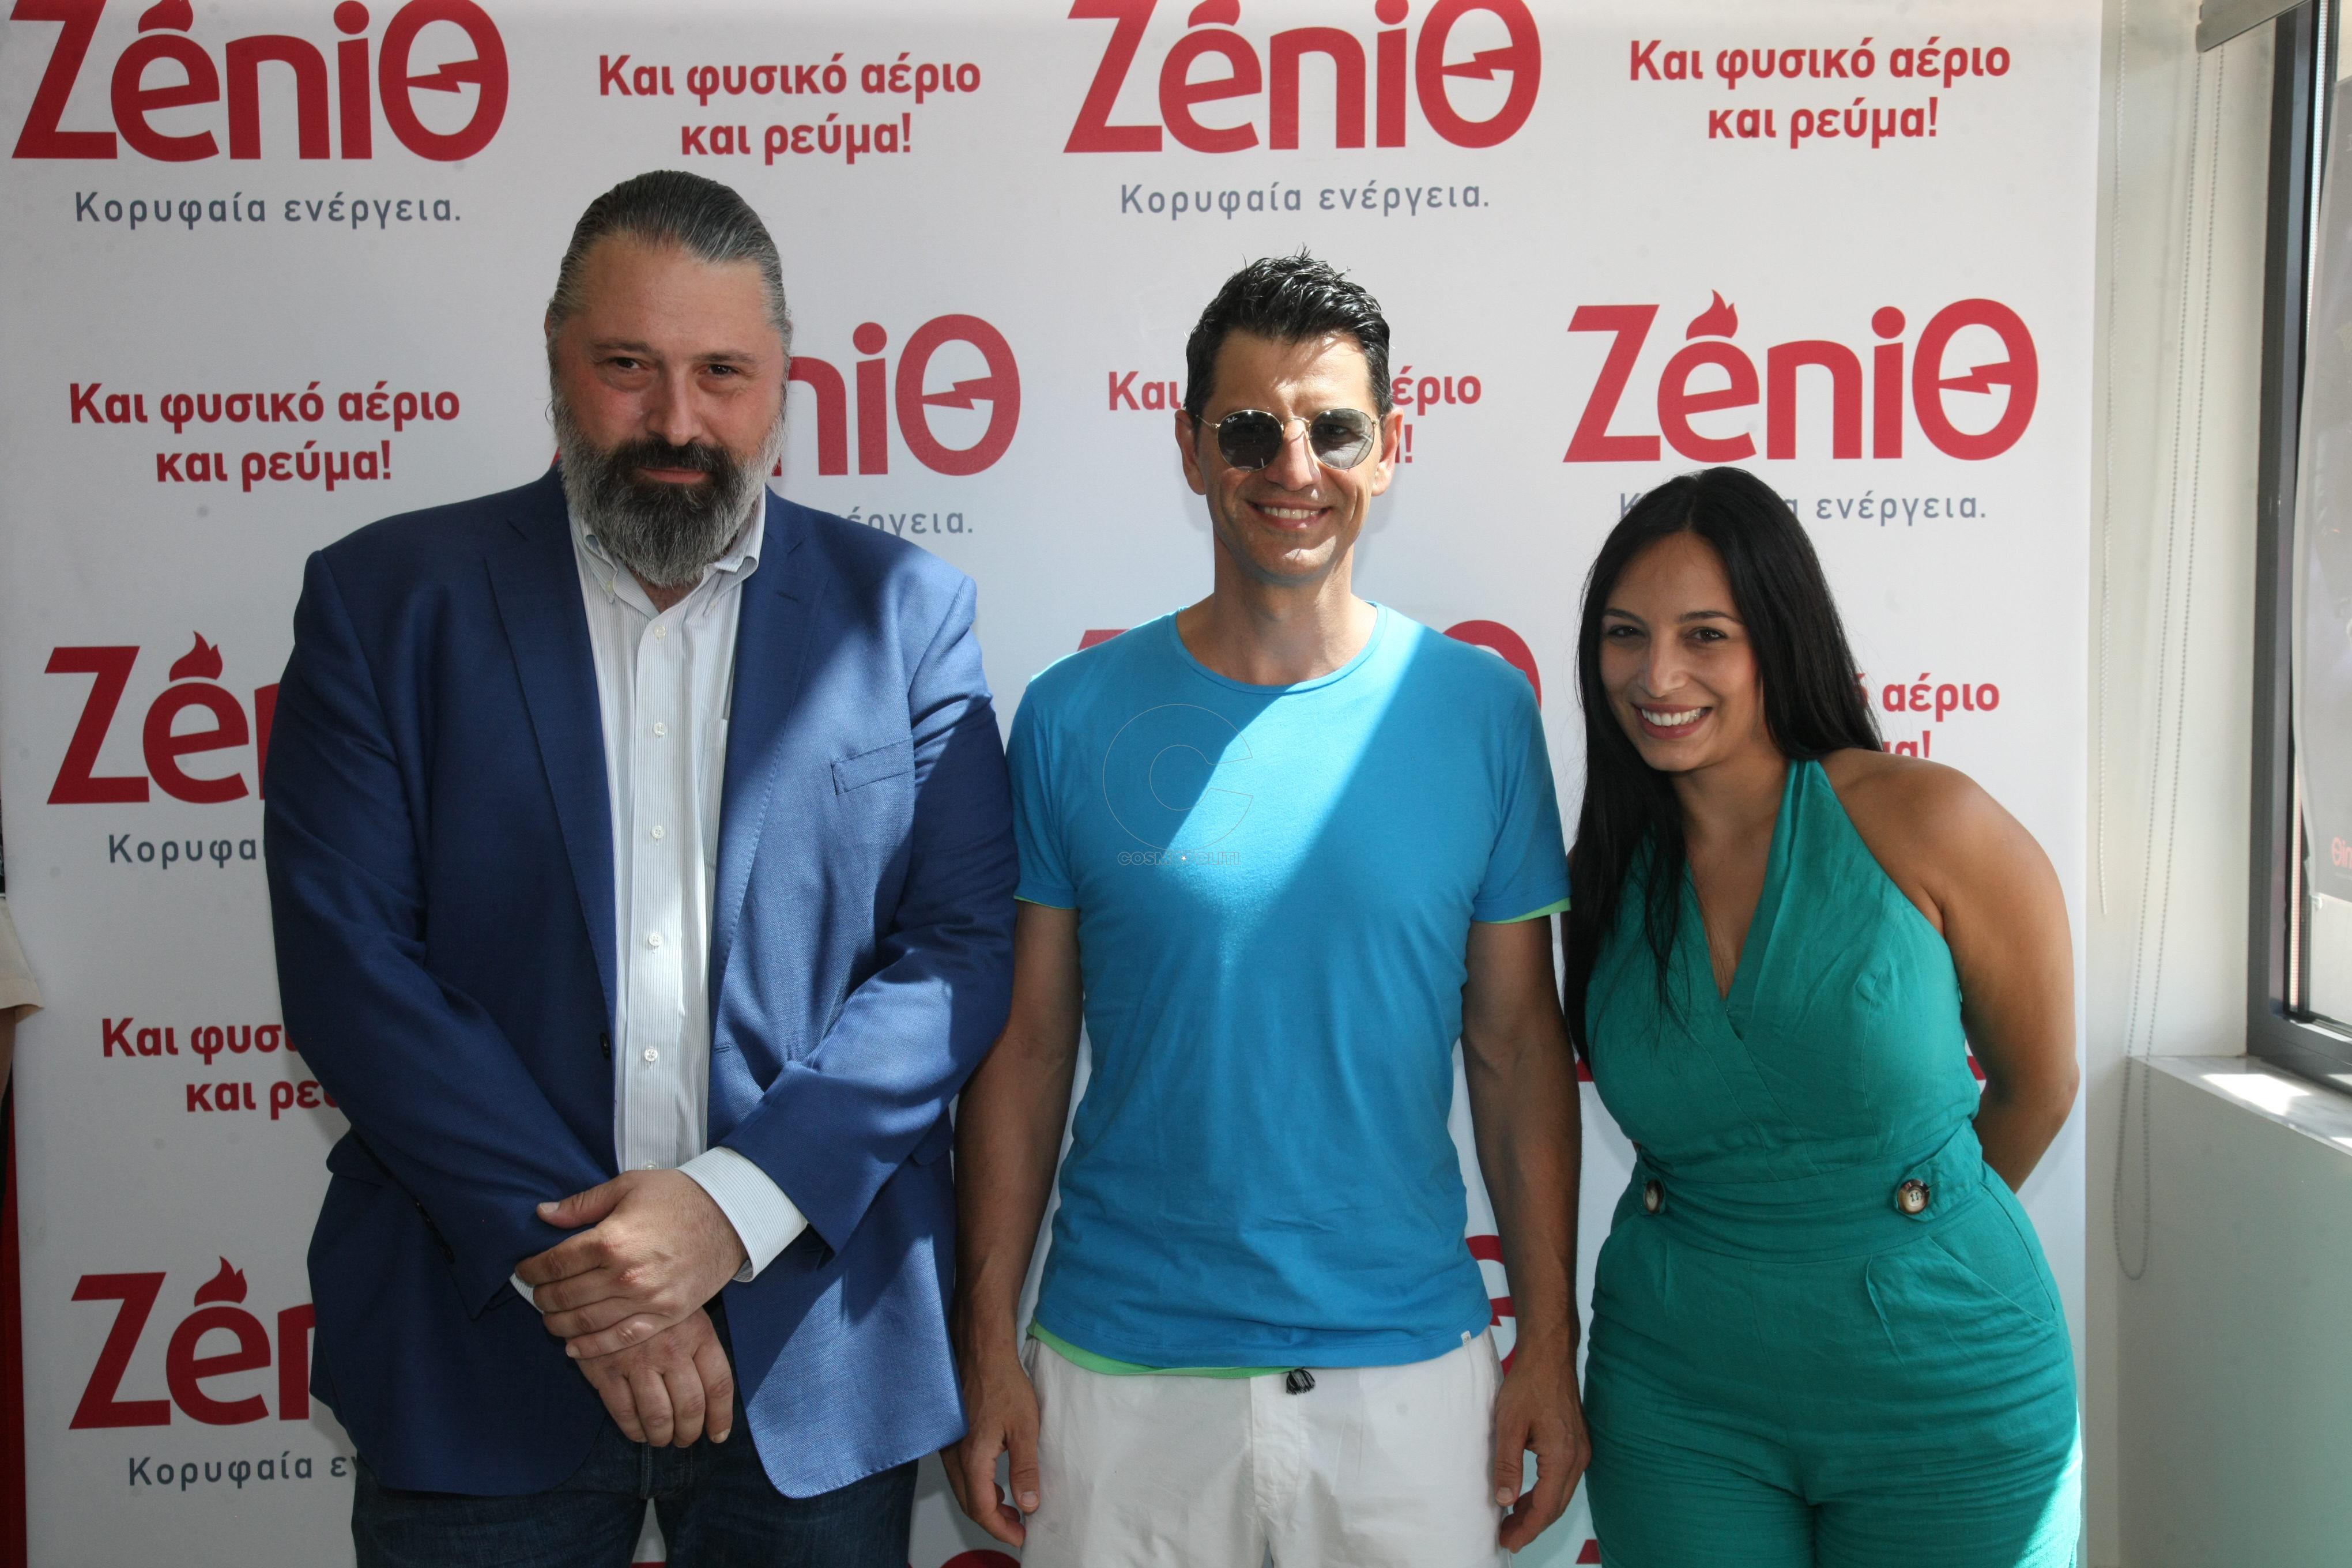 sakis_rouvas_zenith_store_larisa_1_2